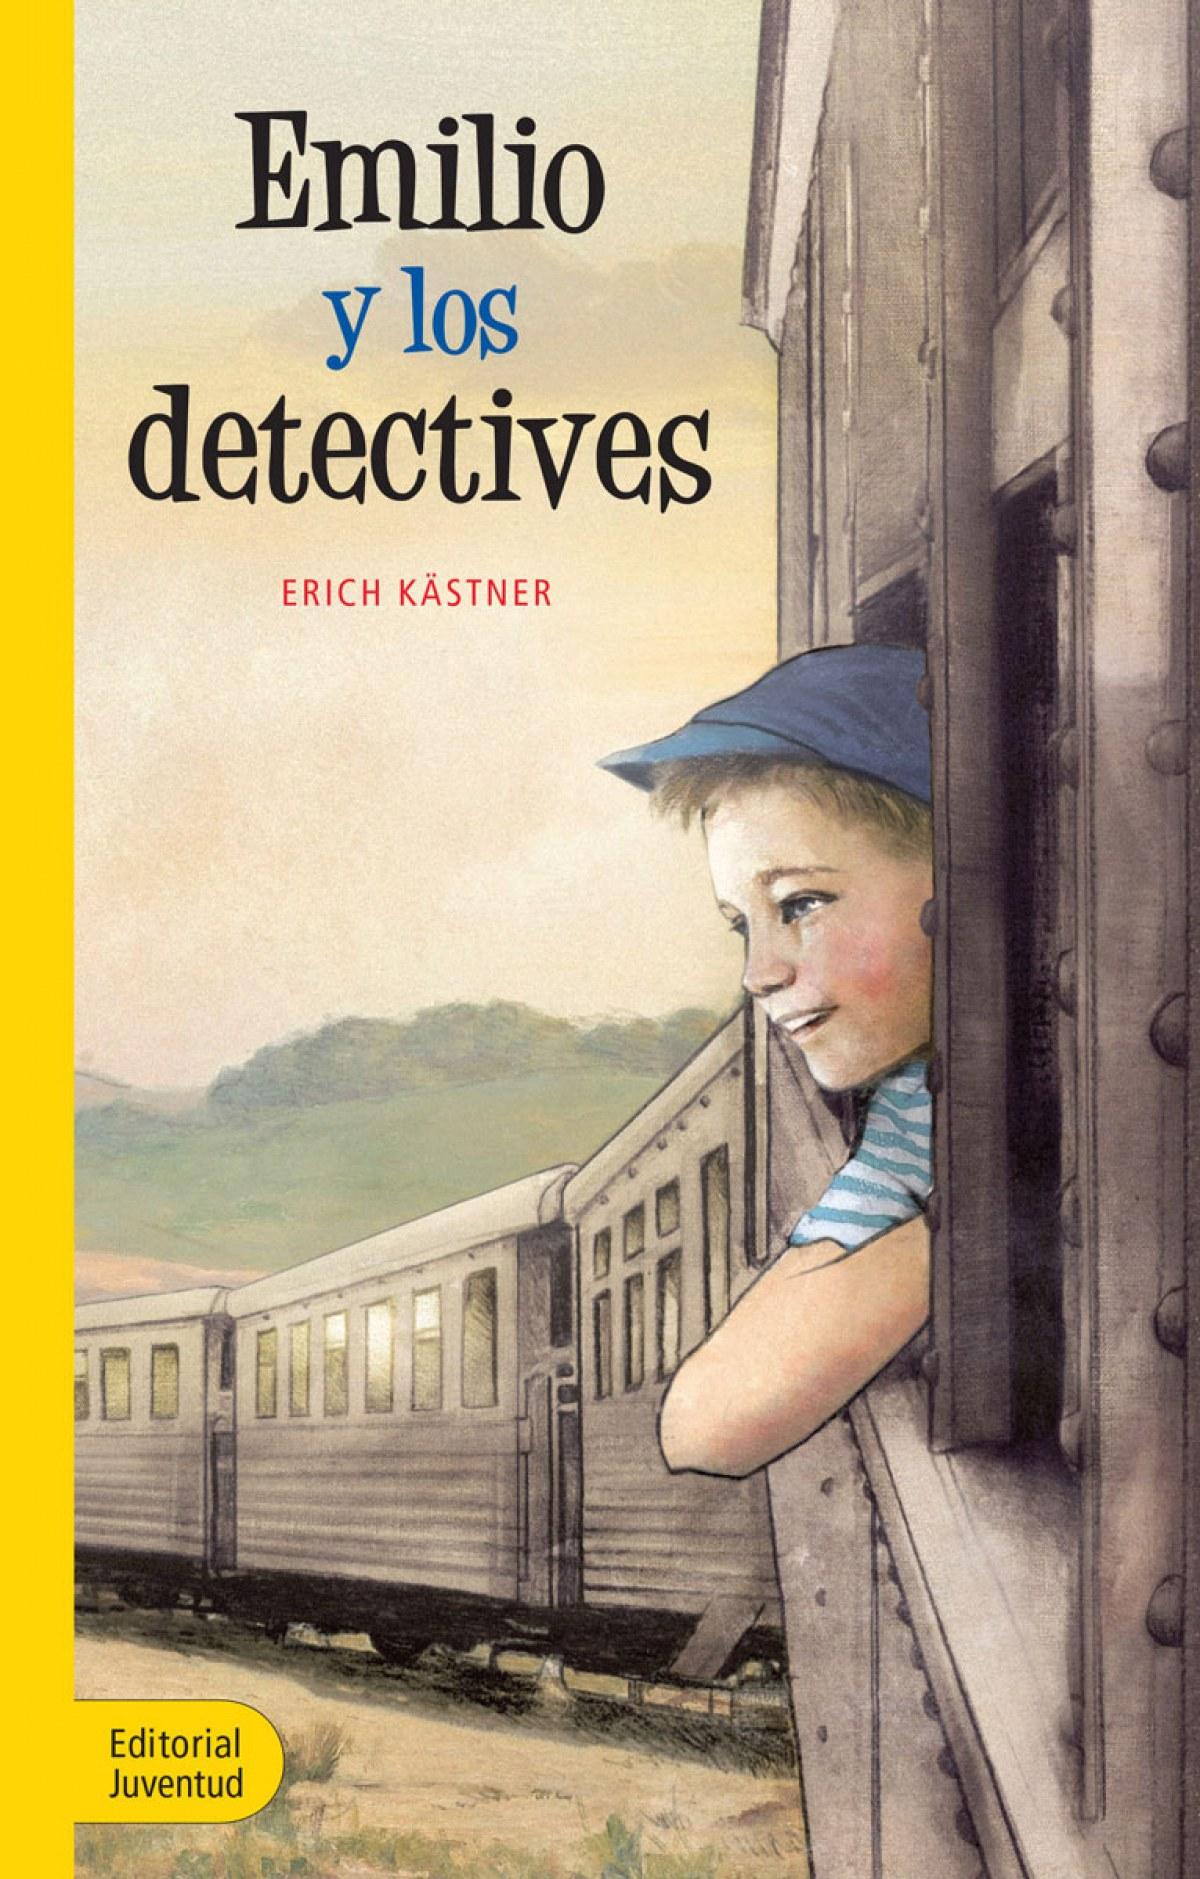 EMILIO Y LOS DETECTIVES 9788426145321